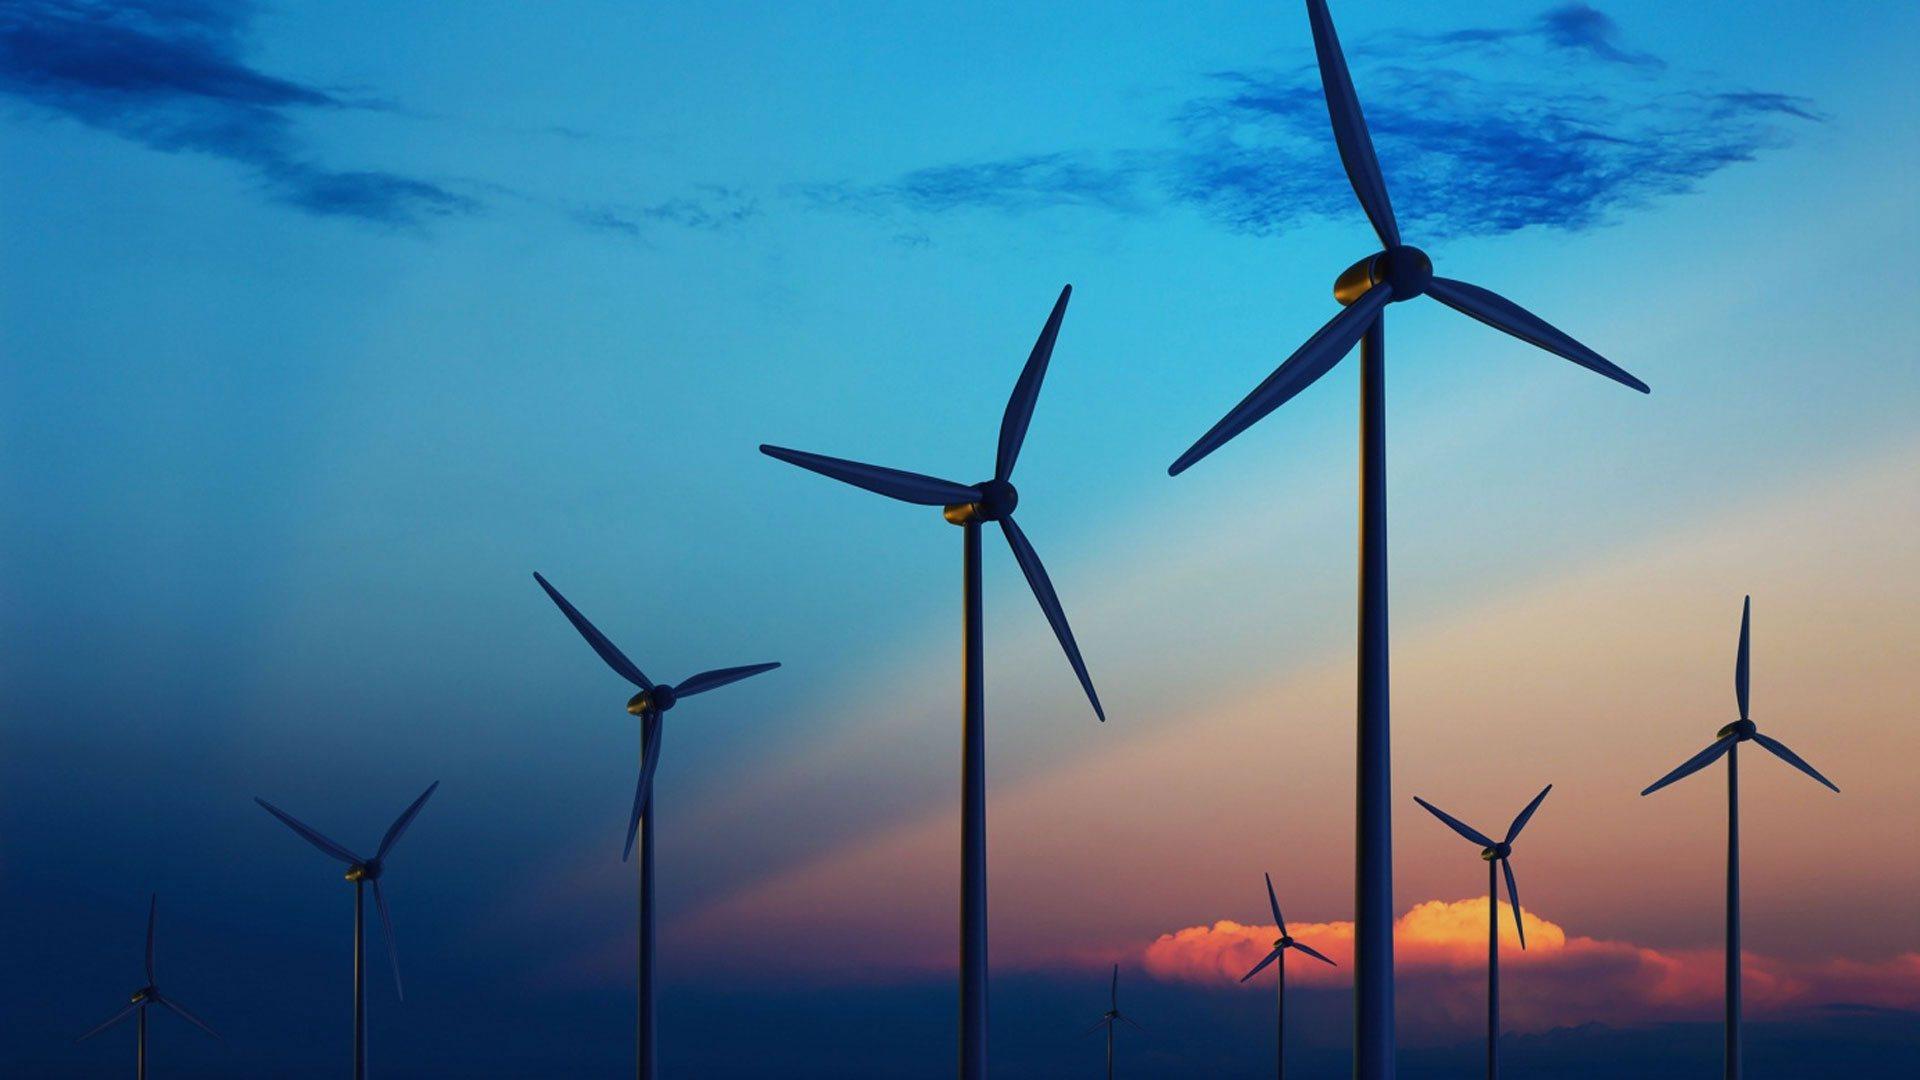 Globaler Lösungsdistributor für Umweltschutz & Nachhaltigkeit